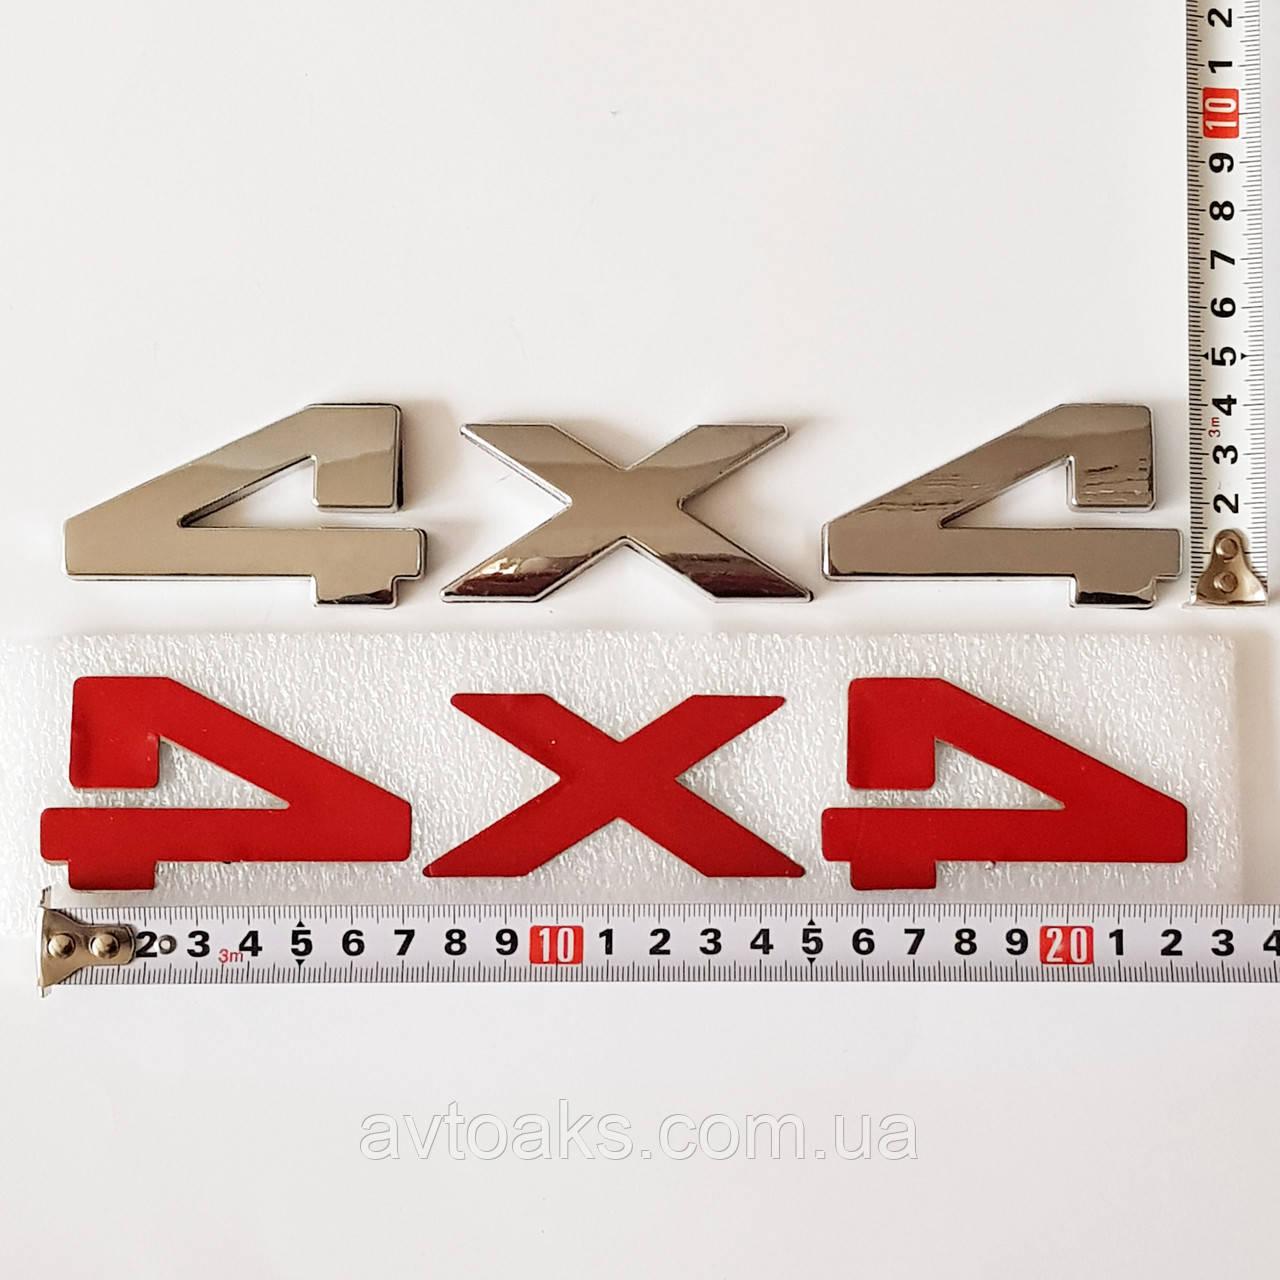 Цифры 4 х 4, хром